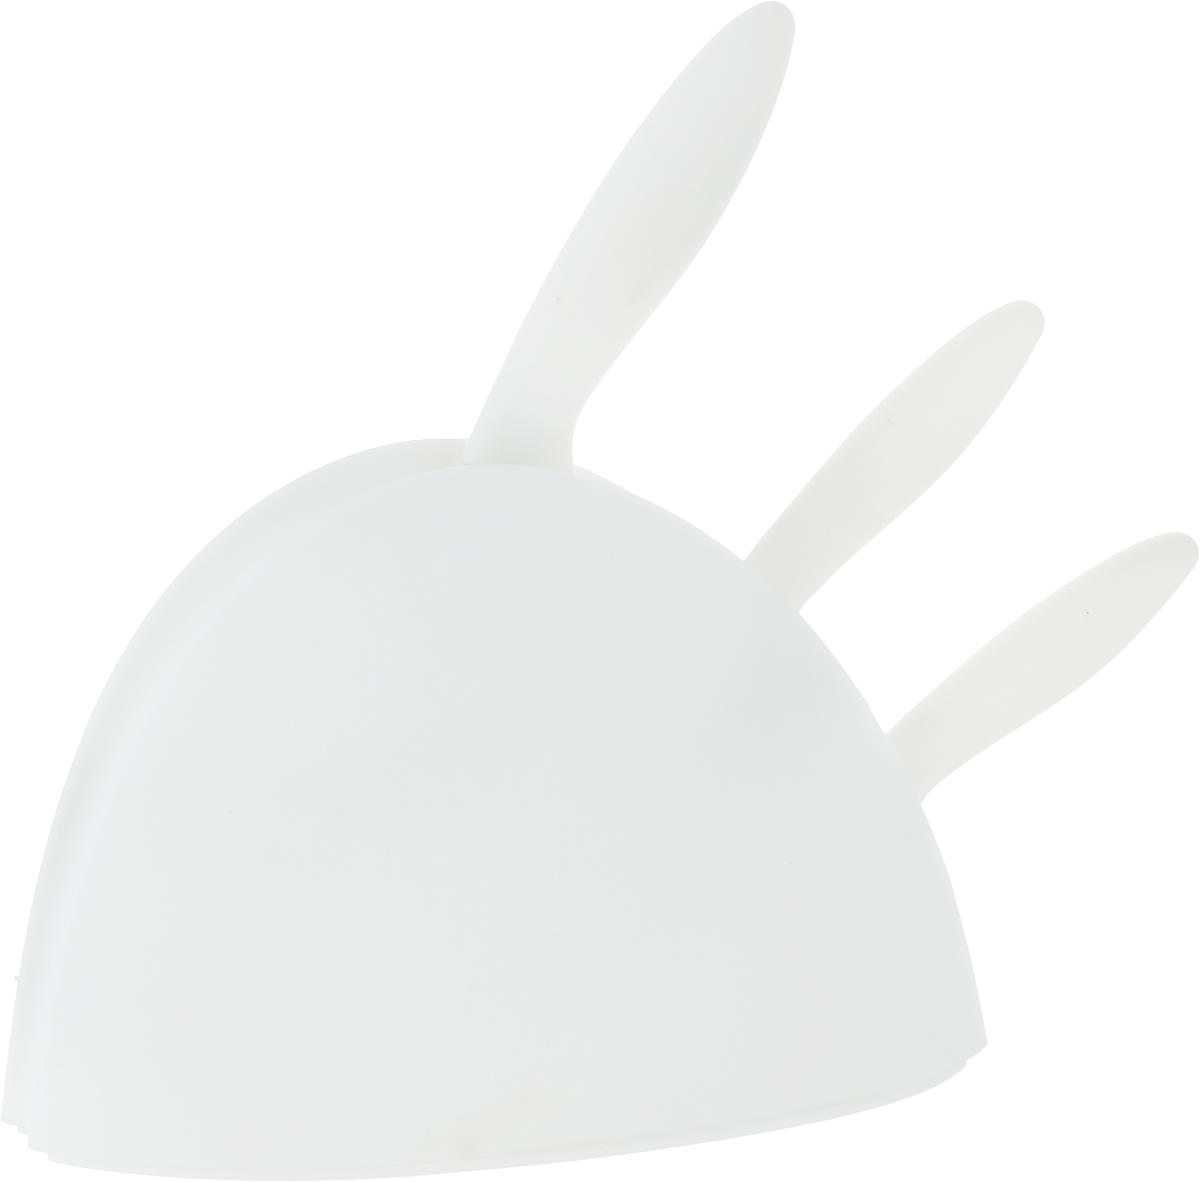 Набор ножей Queen Ruby, на подставке, 4 предмета. QR-6100QR-6100Набор Queen Ruby состоит из поварского ножа, универсального ножа, ножа для чистки и подставки. Лезвия ножей выполнены из высококачественной нержавеющей стали. Эргономичные рукоятки из пластика.Ножи размещаются в стильной пластиковой подставке.Предметы набора можно мыть в посудомоечной машине.Набор ножей Queen Ruby порадует любую хозяйку, ведь готовить теперь станет еще проще и приятнее.Длина лезвия поварского ножа: 14 см.Общая длина поварского ножа: 27 см.Длина лезвия универсального ножа: 12 см.Общая длина универсального ножа: 23 см.Длина лезвия ножа для чистки: 9 см.Общая длина ножа для чистки: 20 см.Размеры подставки: 25 х 8 х 16 см.